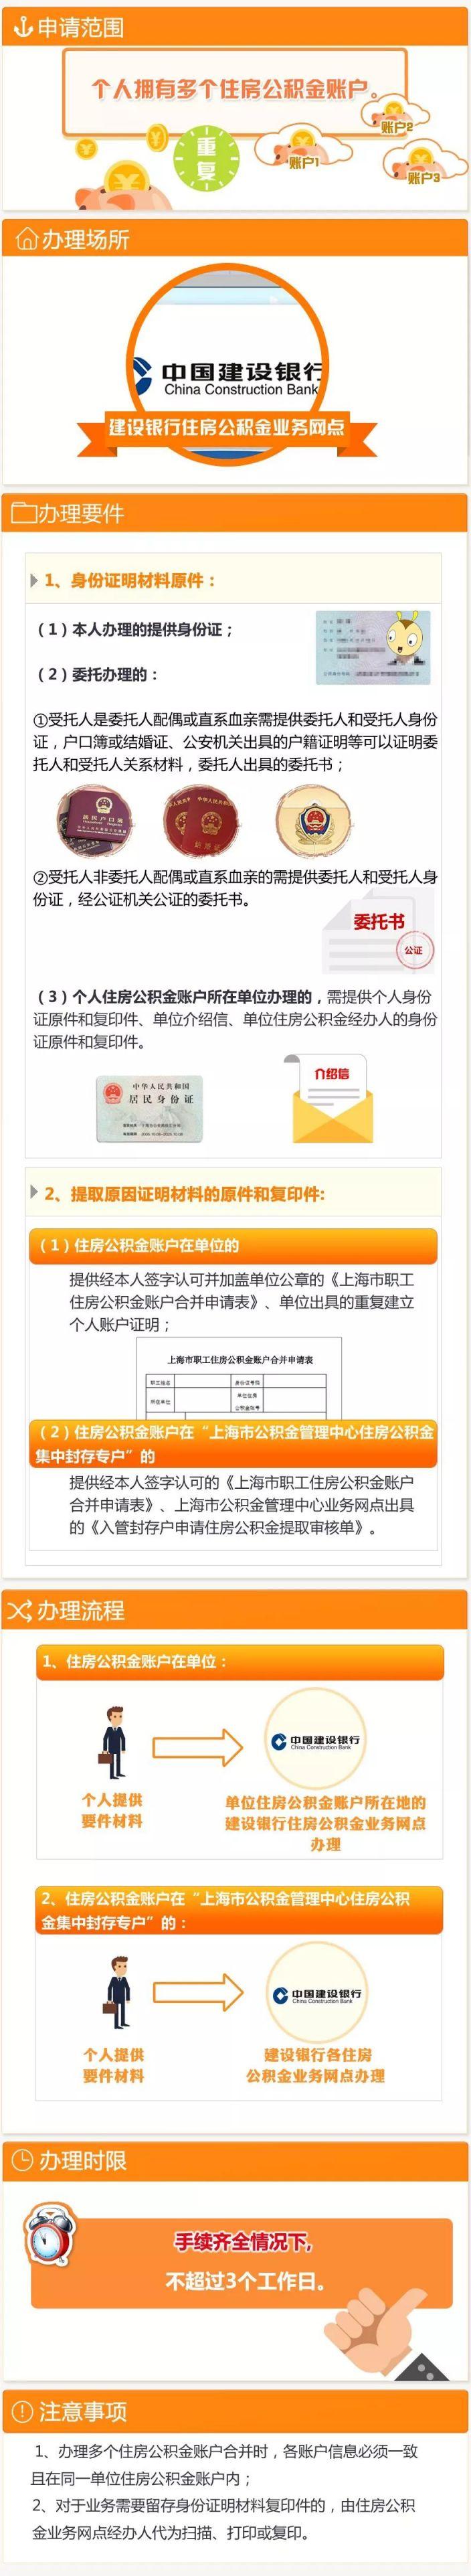 上海公积金重复账户合并